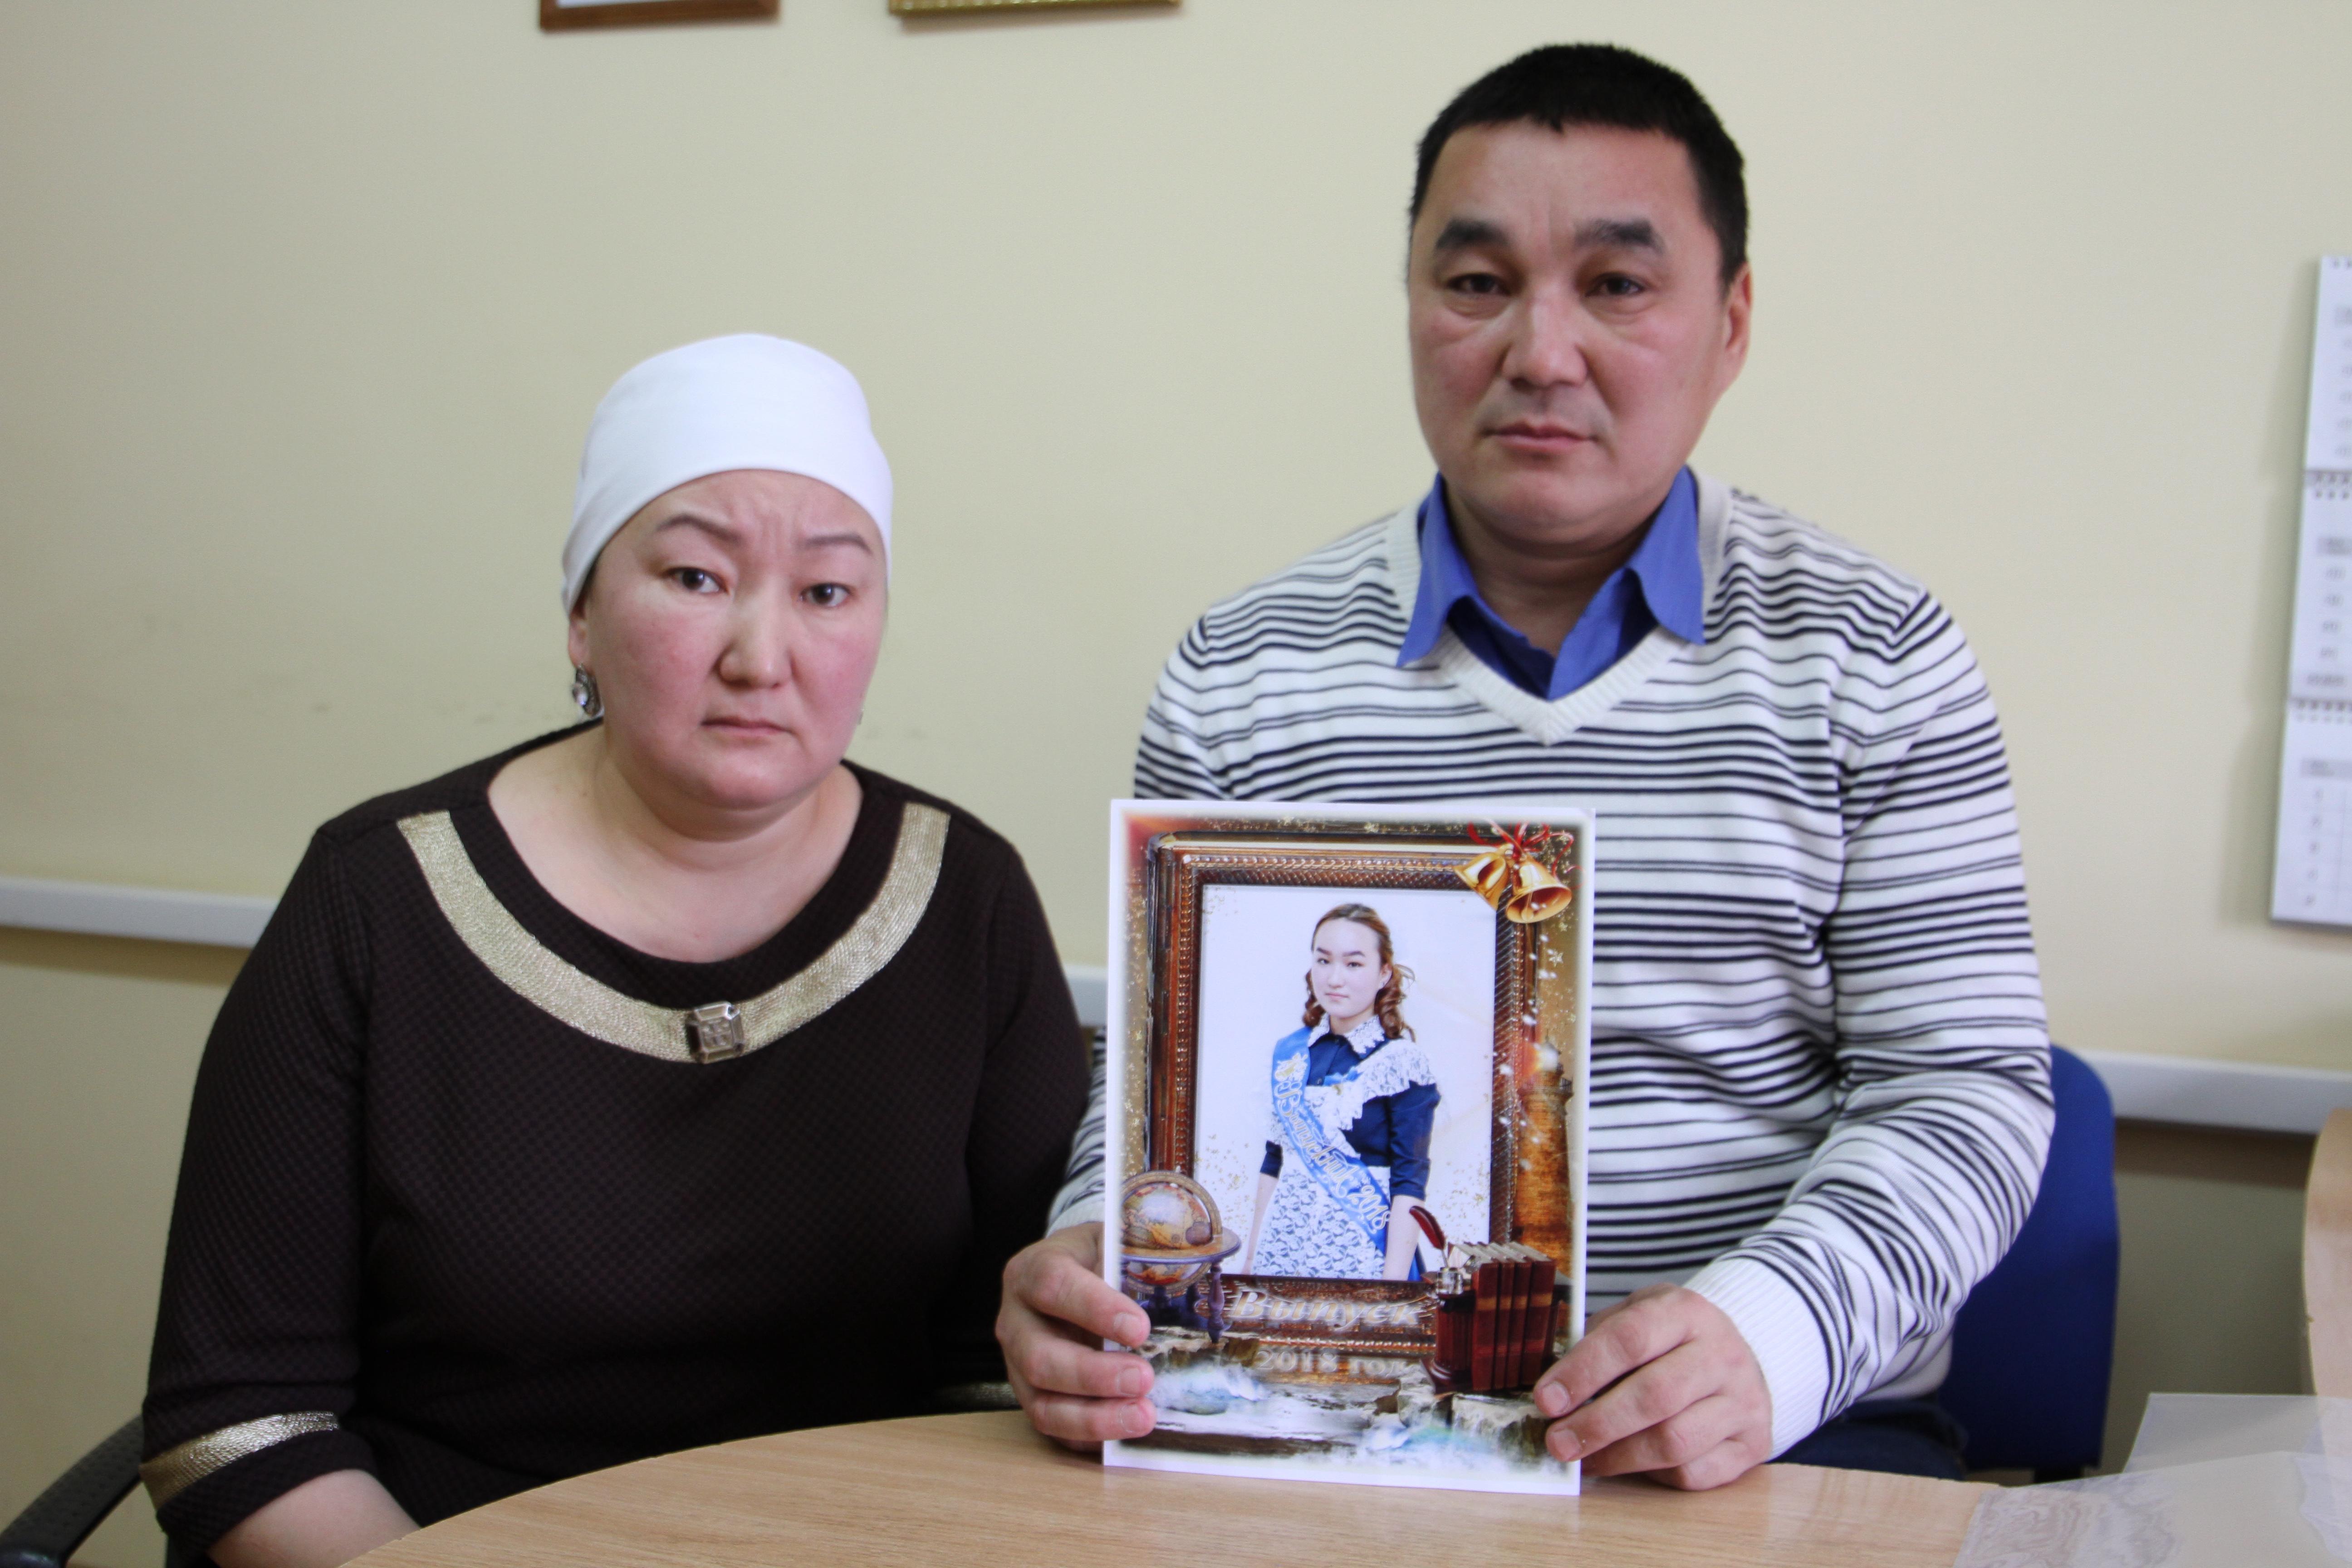 В Уральске суд присяжных оправдал обвиняемого в убийстве девочки-подростка